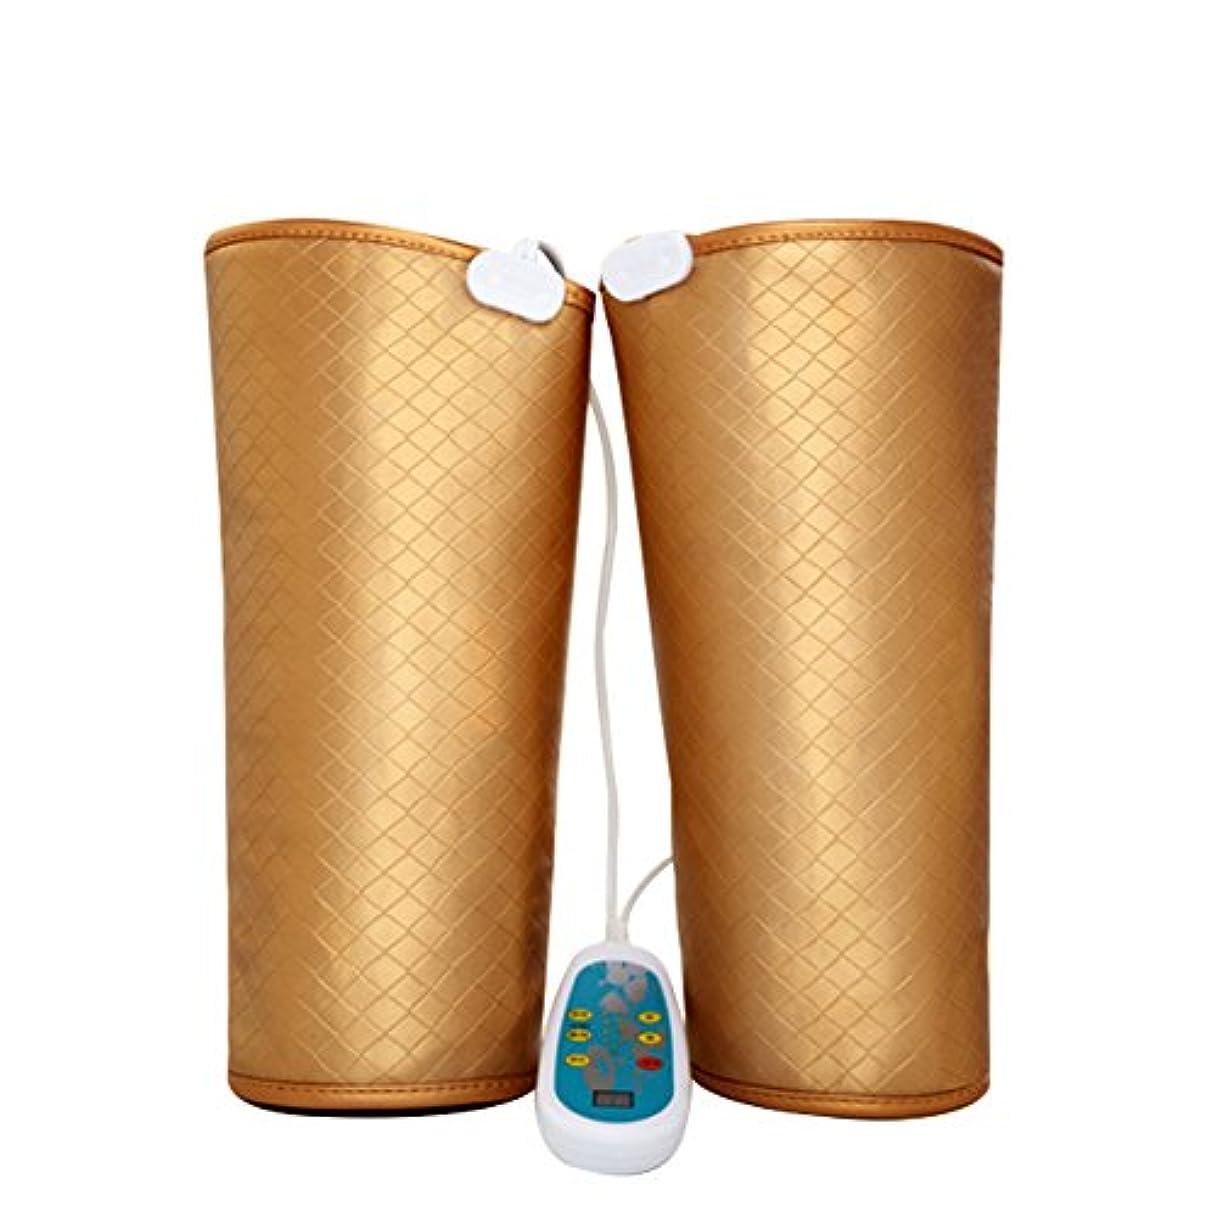 前書き案件愛情電気マッサージ、膝の保温、男女通用、マッサージ機、膝と足を加熱してマッサージします